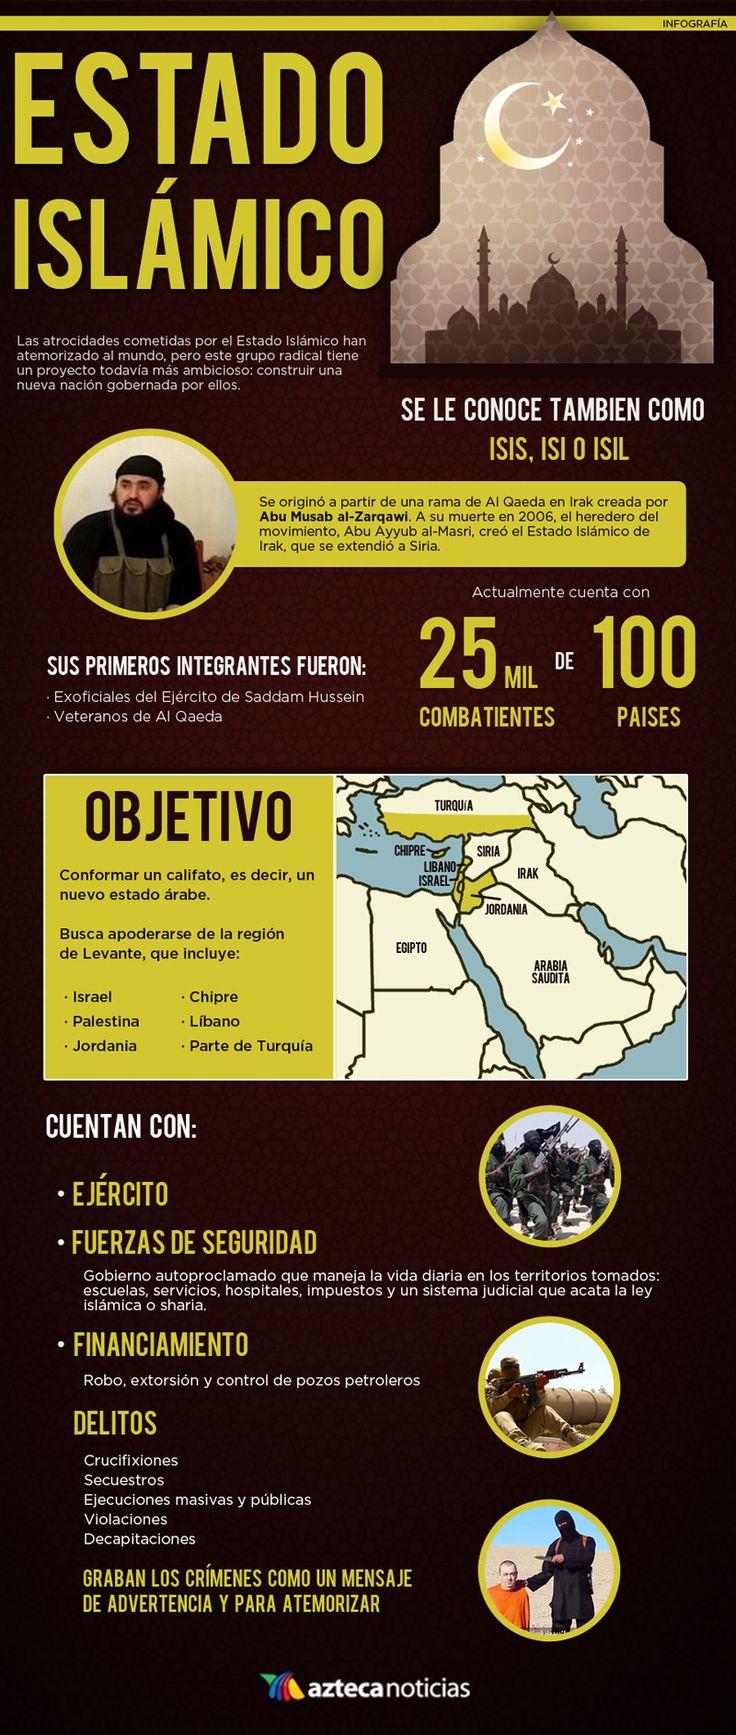 Estado Islámico #infografia